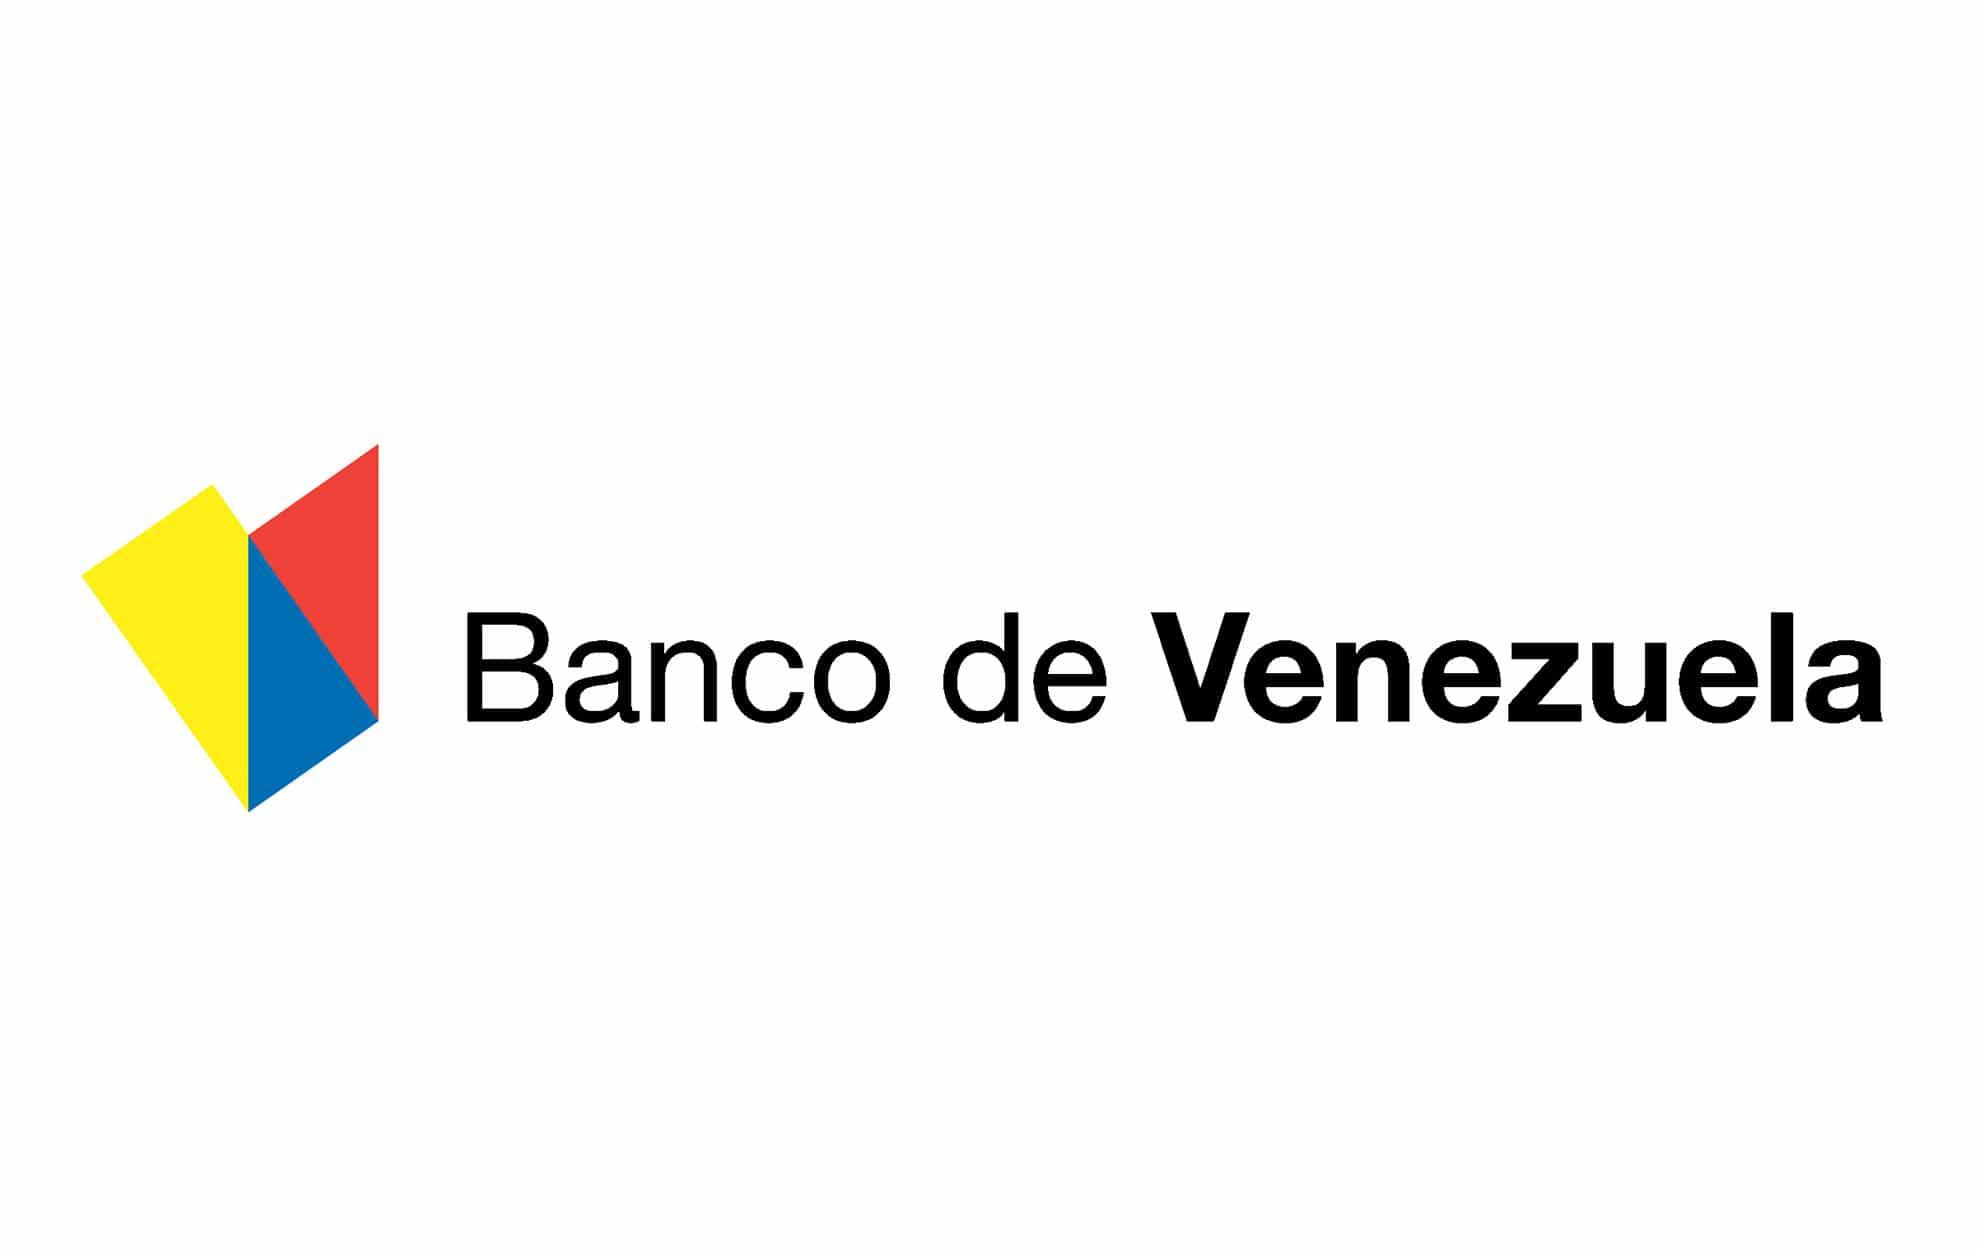 limite-de-transferencia-banco-de-venezuela